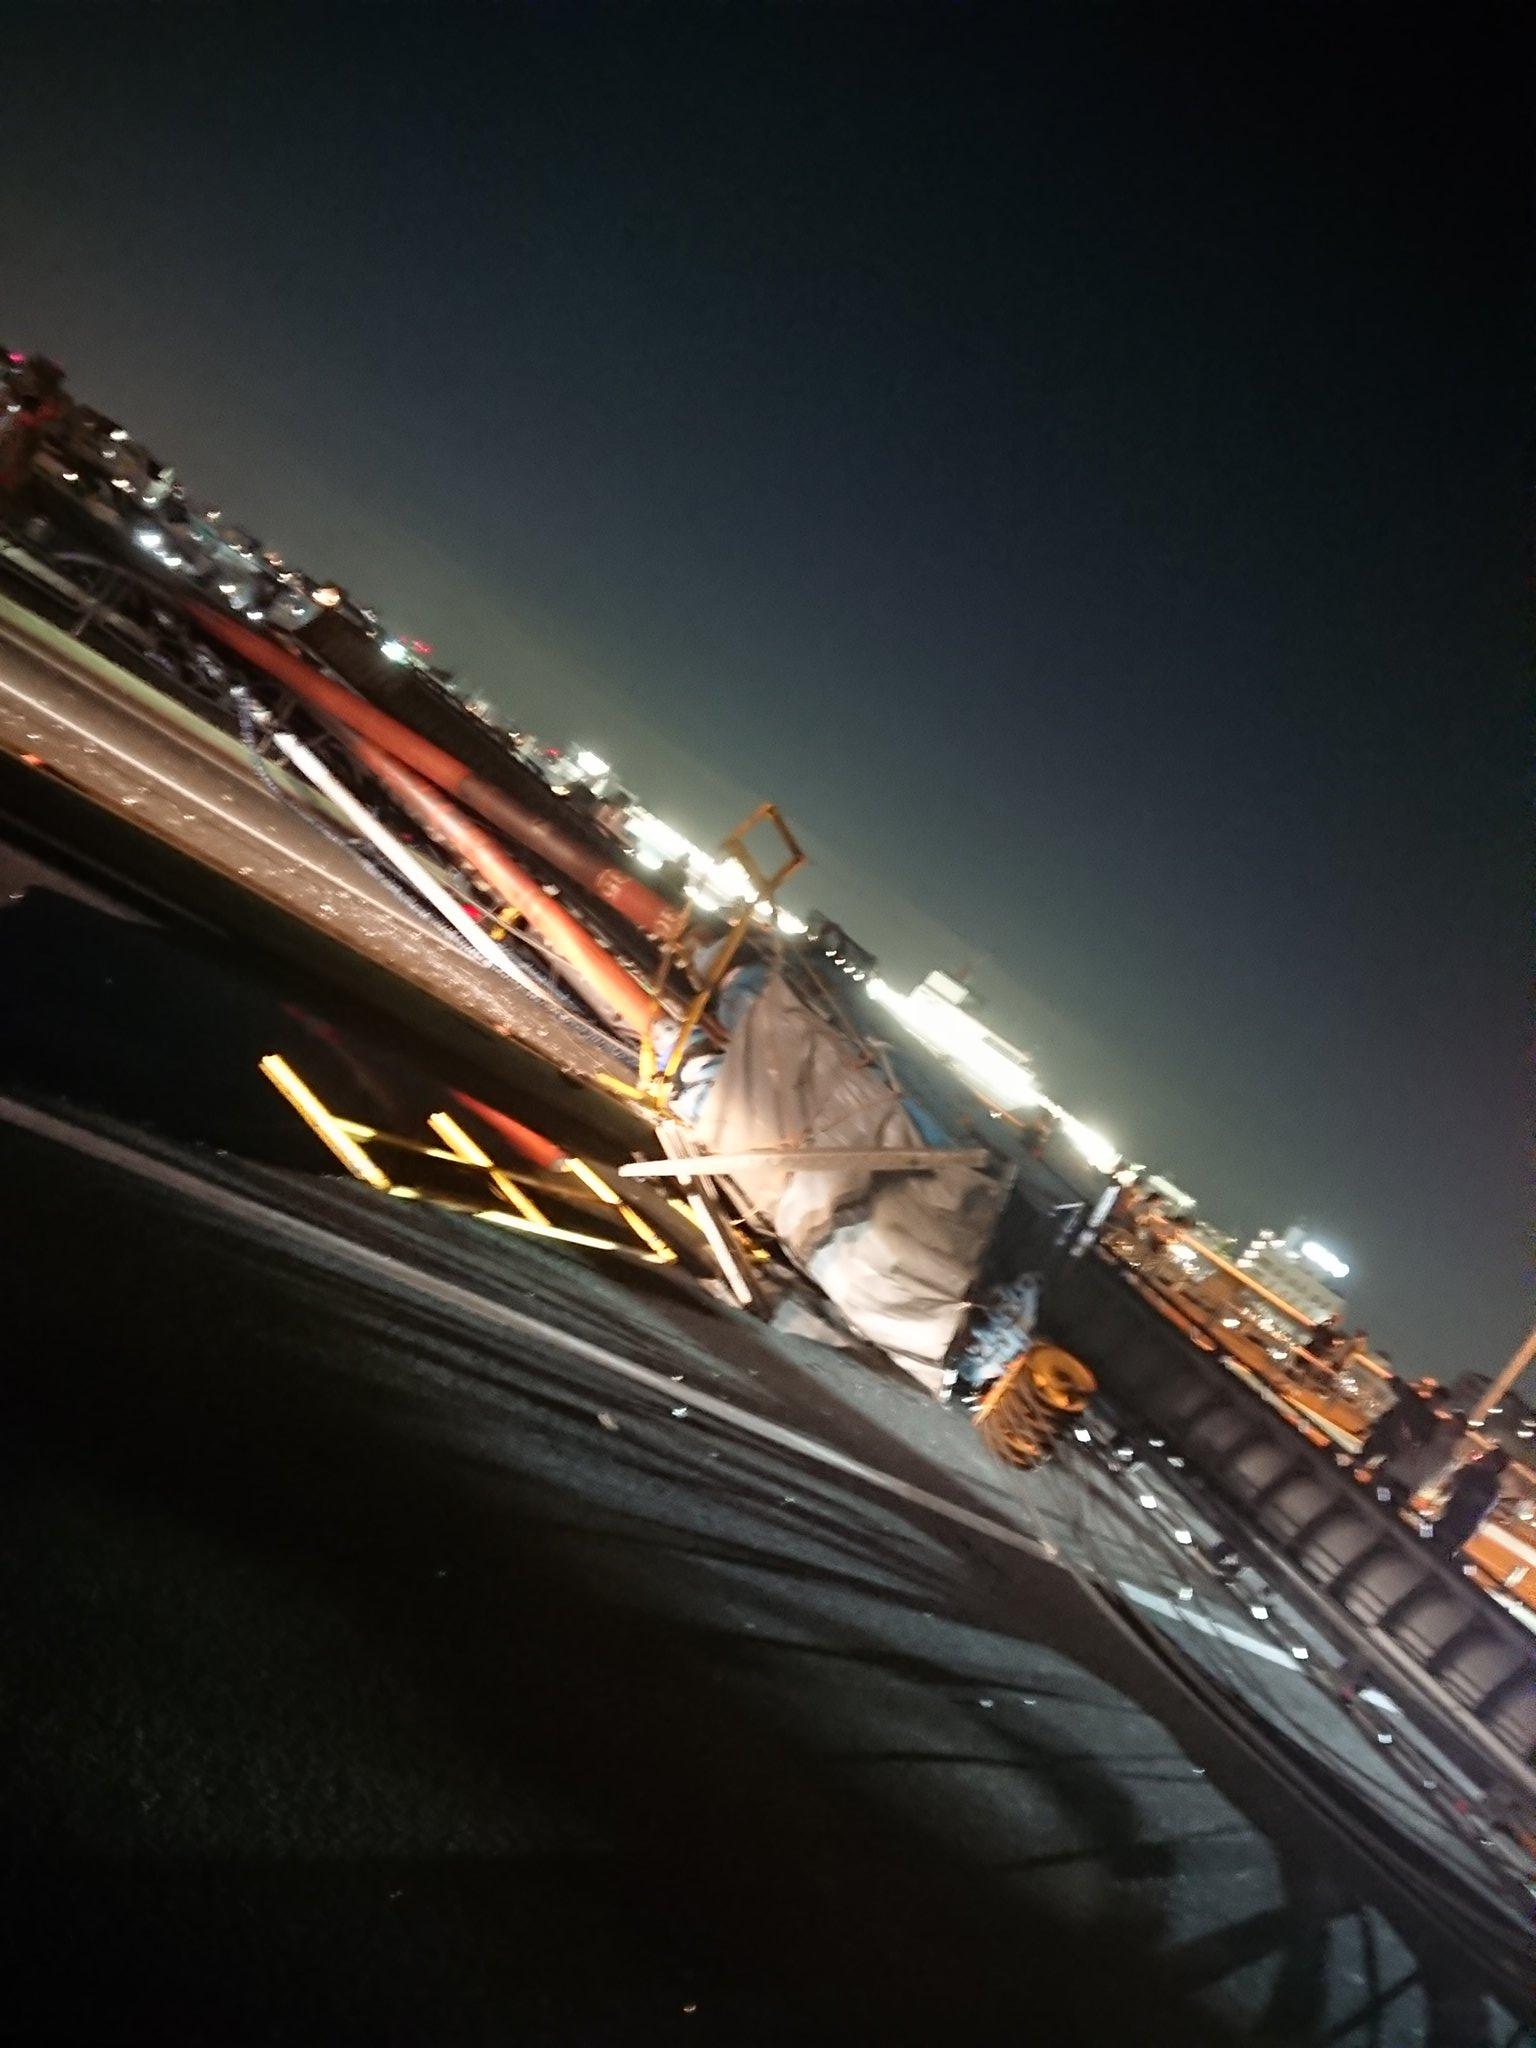 青砥橋にクレーンが倒れ道路を塞いでいる現場画像